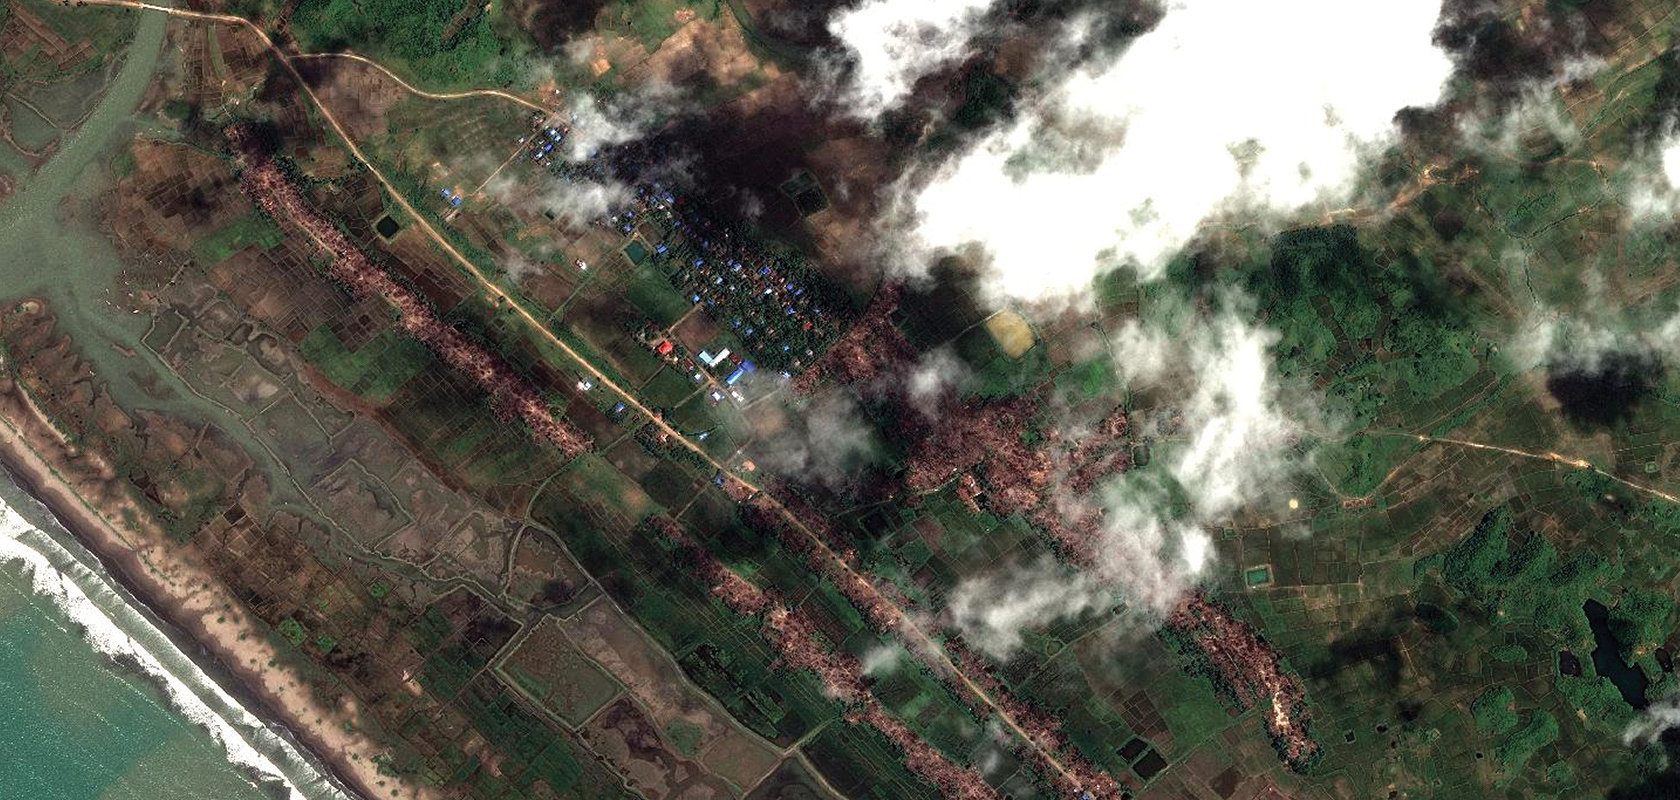 Le village d'Inn Din, le 24 septembre 2017.Seules les maisons non-rohingya restent intactes © CNES 2017 Distribution AIRBUS DS3